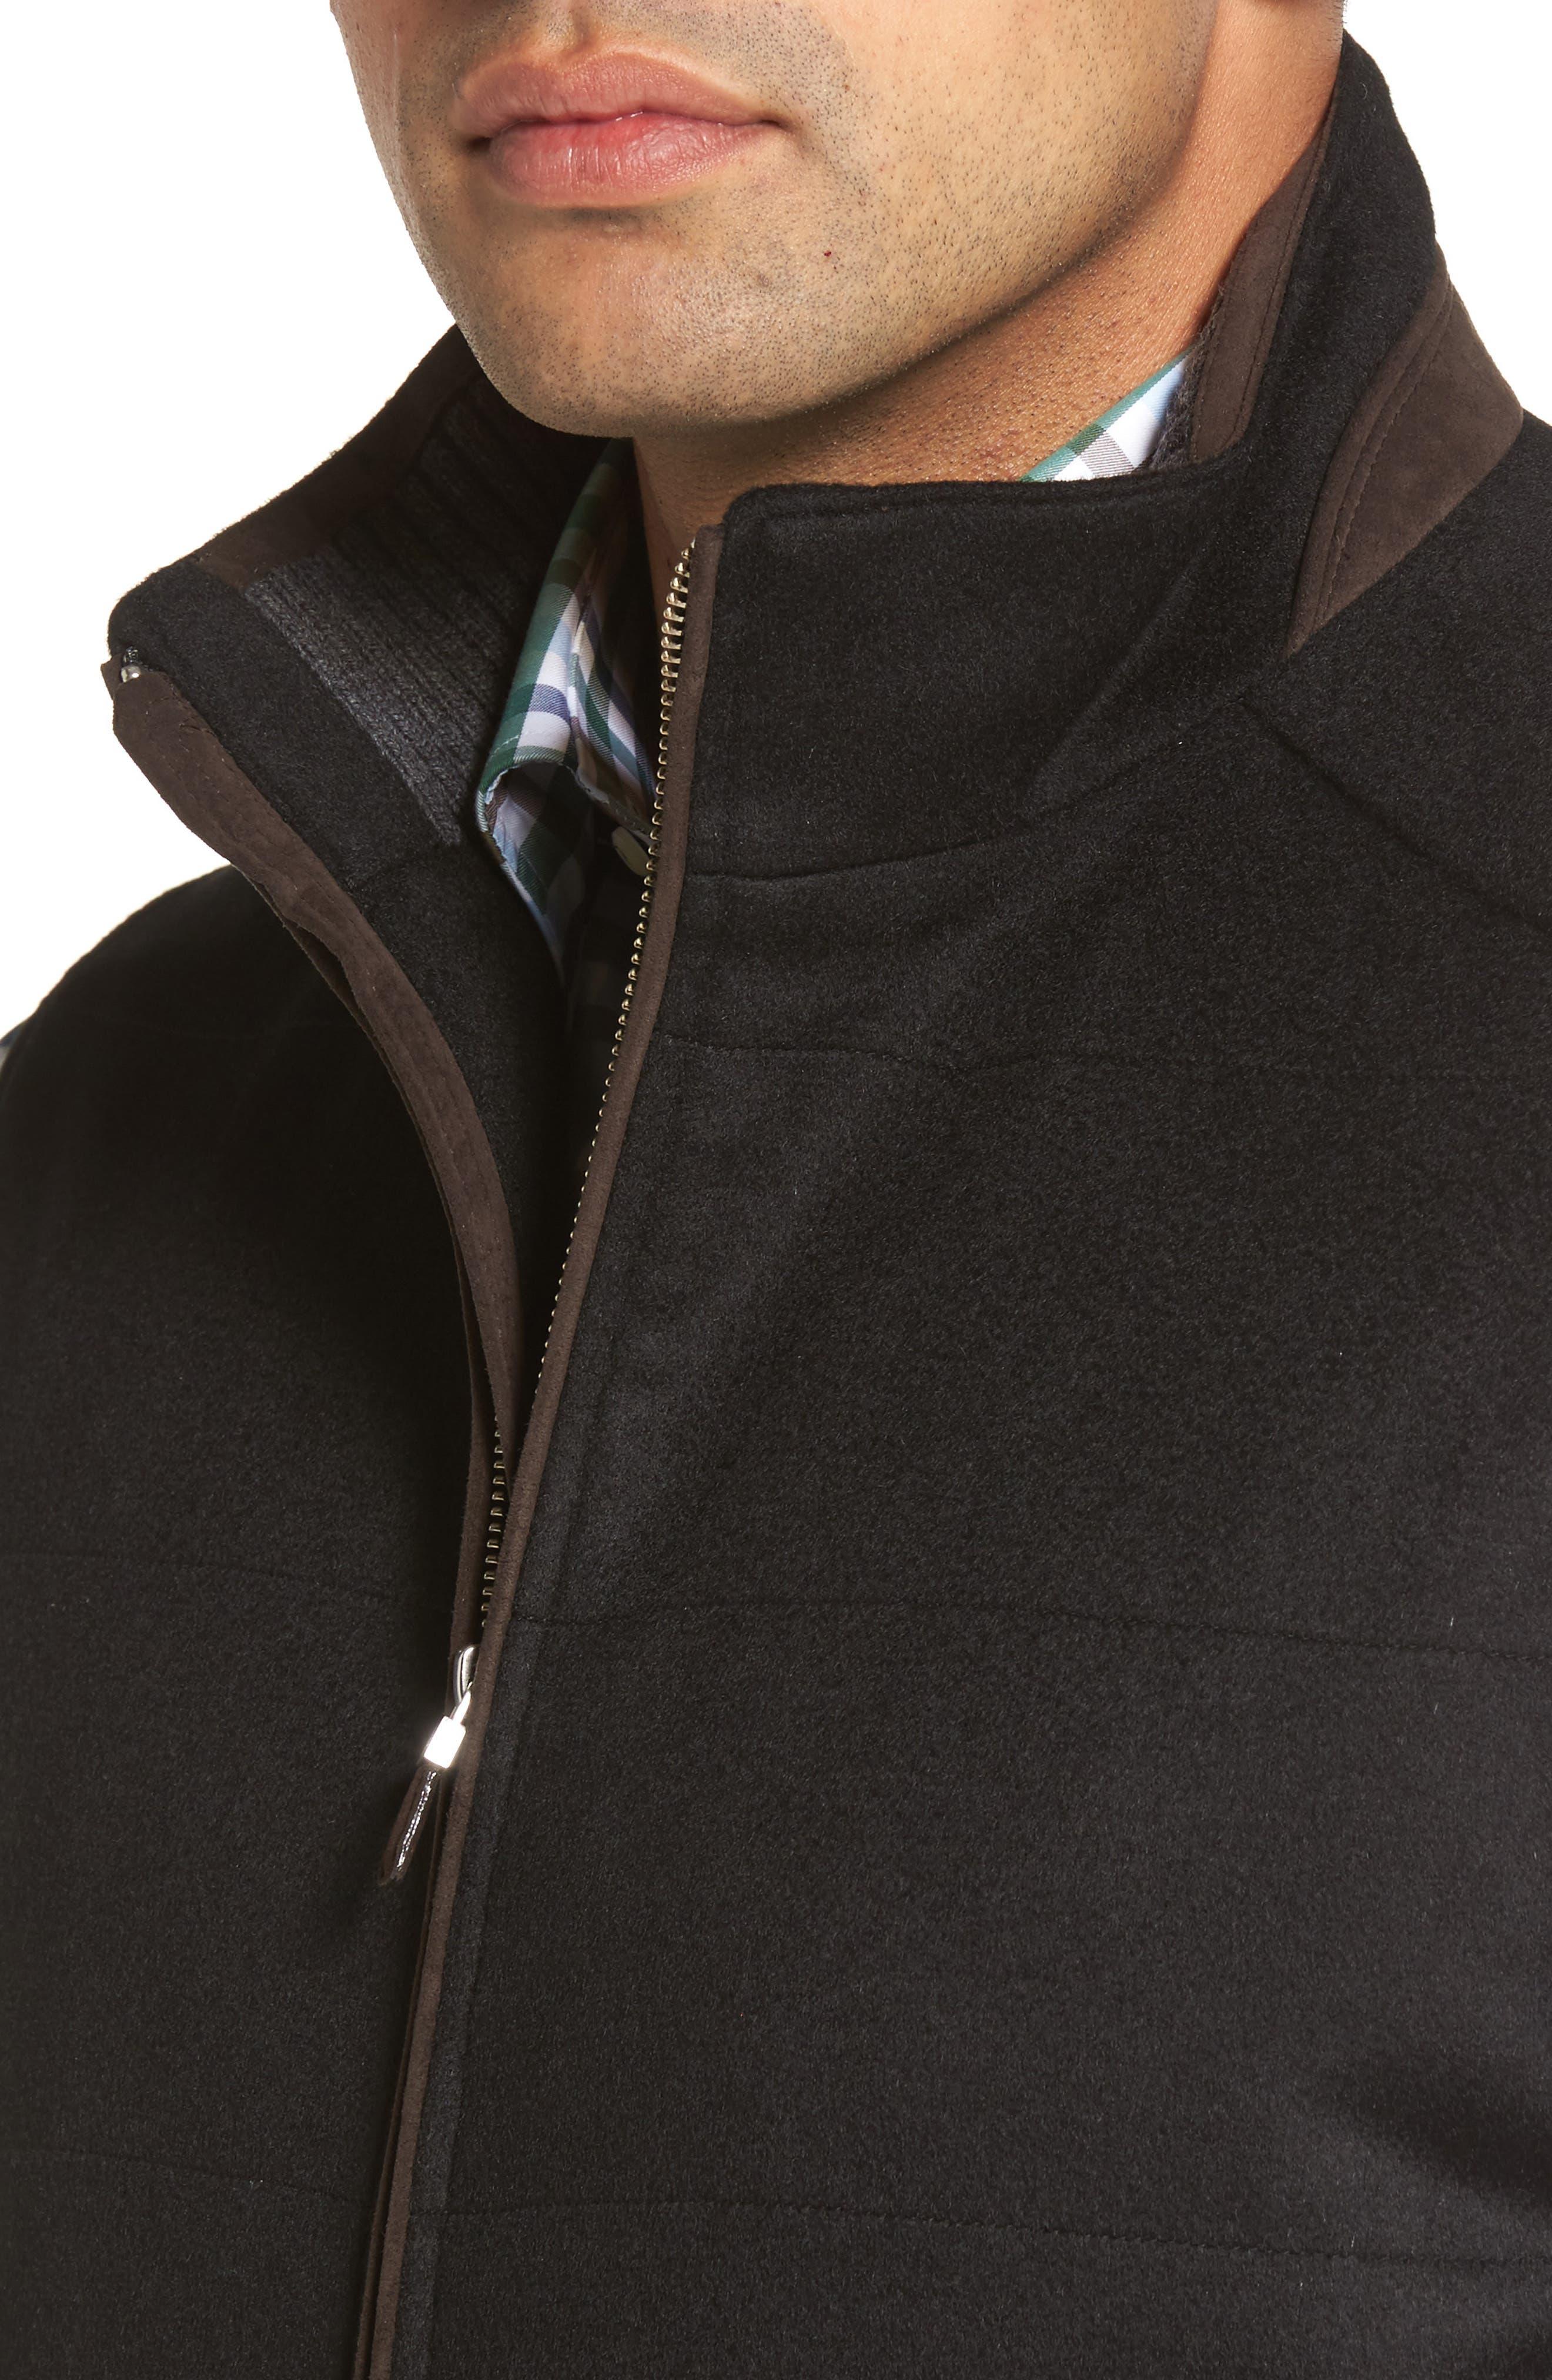 Crown Darien Wool & Cashmere Vest,                             Alternate thumbnail 4, color,                             001